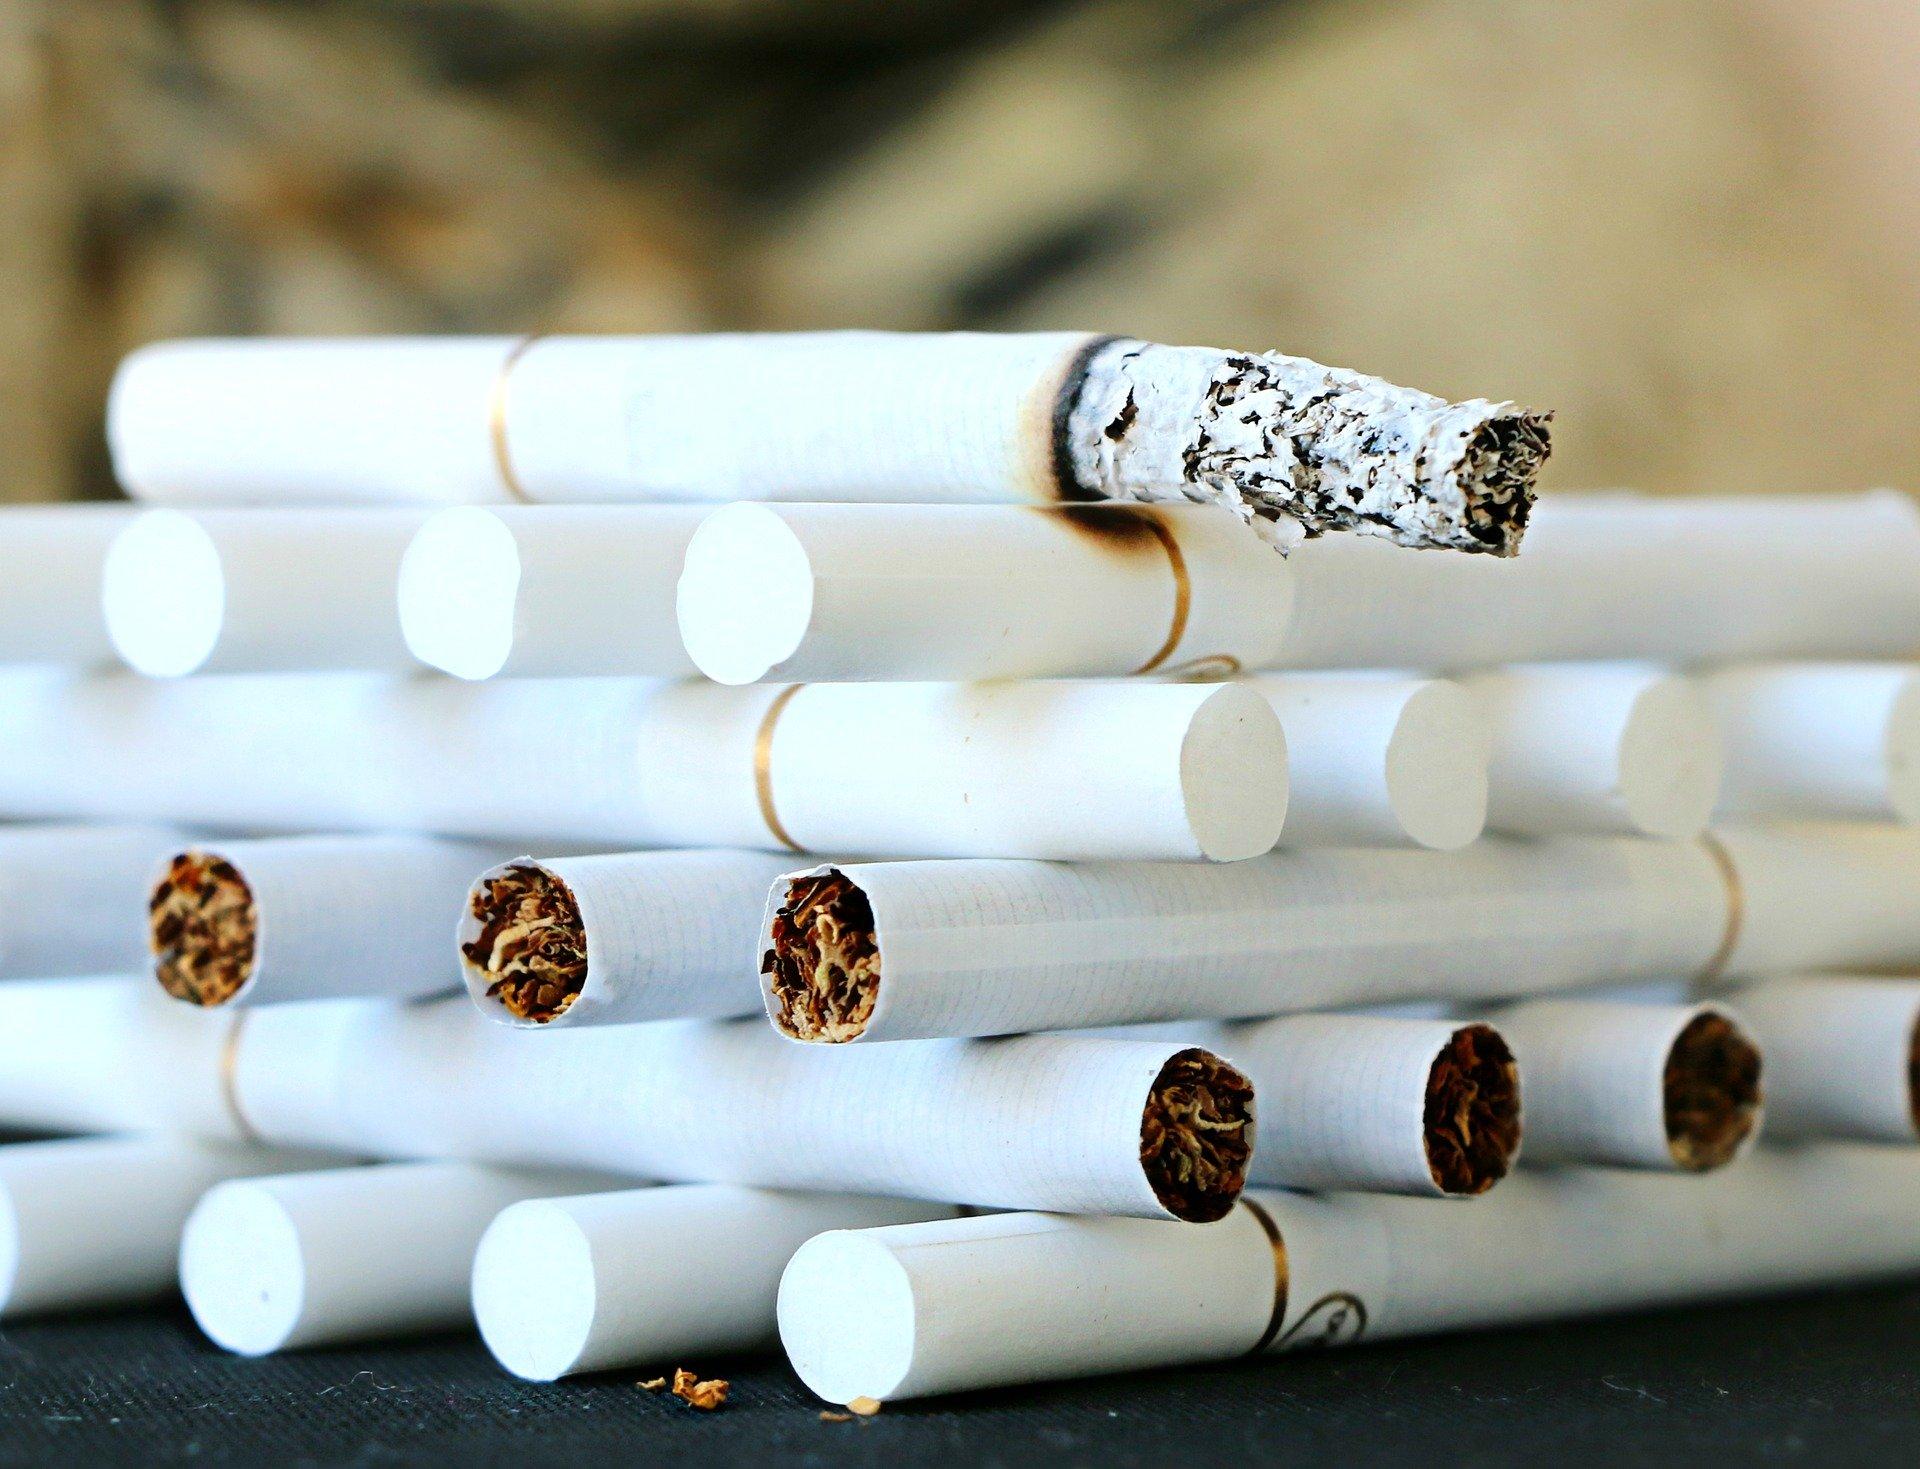 Tas de cigarettes, une cigarette est en train de se consumer.